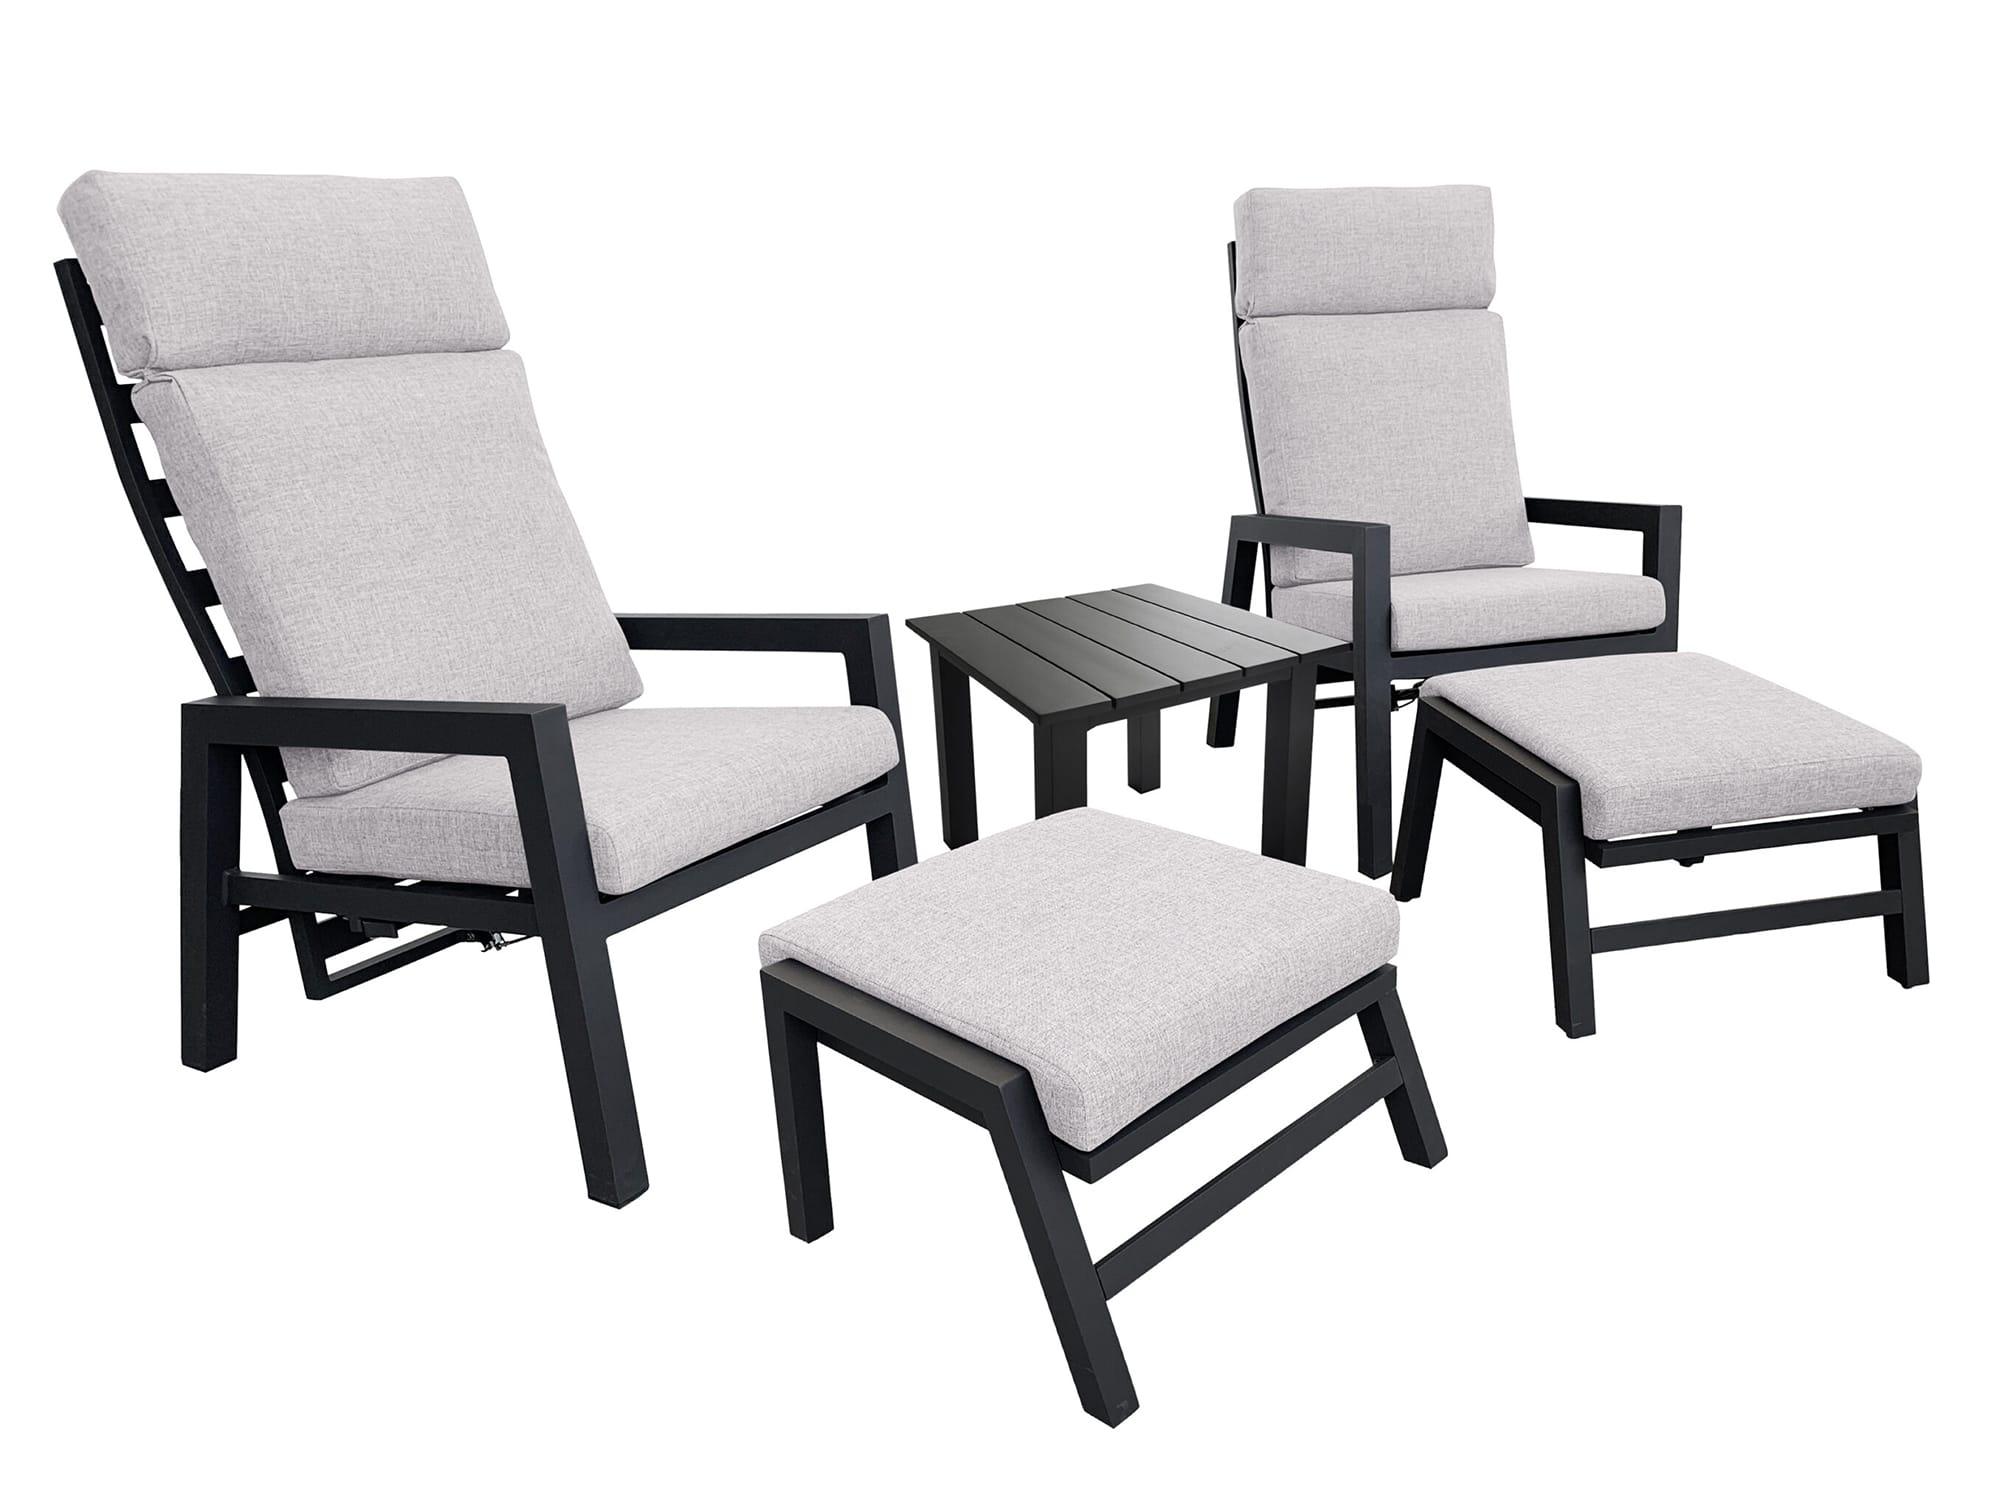 Bilde av Winchester reclinersett, to stoler, fothvilere og sidebord